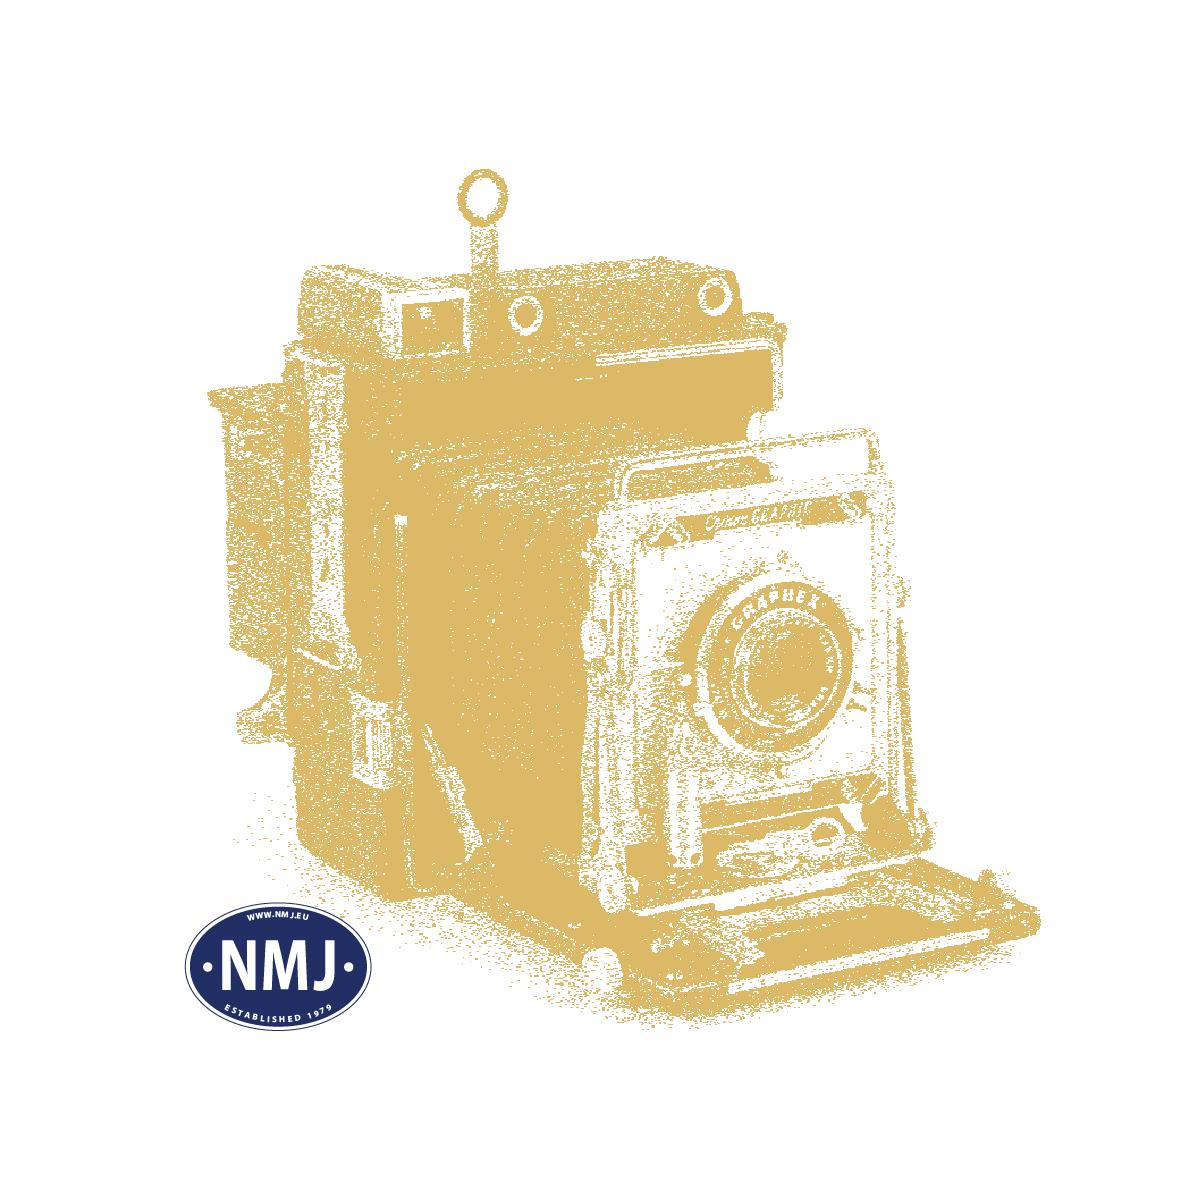 MOE0219 - Modell & Elektronikk 2/2019, Teknisk Hobbyblad